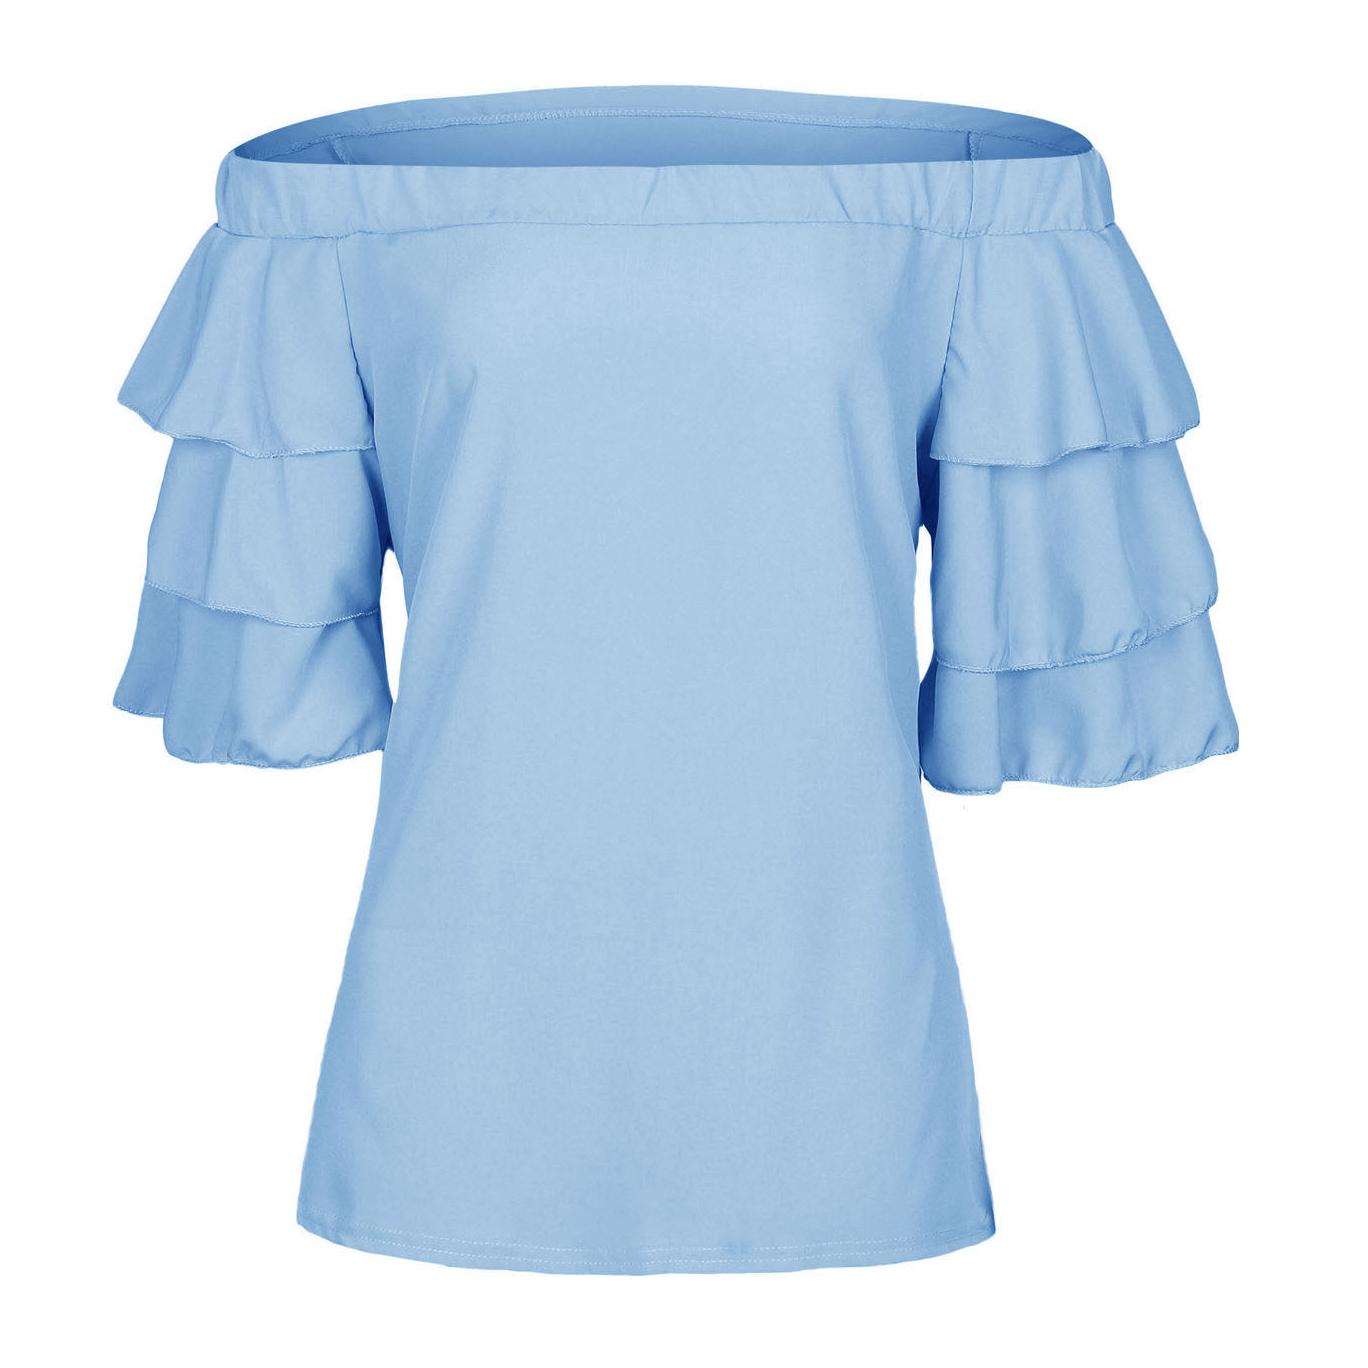 Leisure Dew Shoulder Half Sleeves Falbala Design Light Blue Polyester Shirts